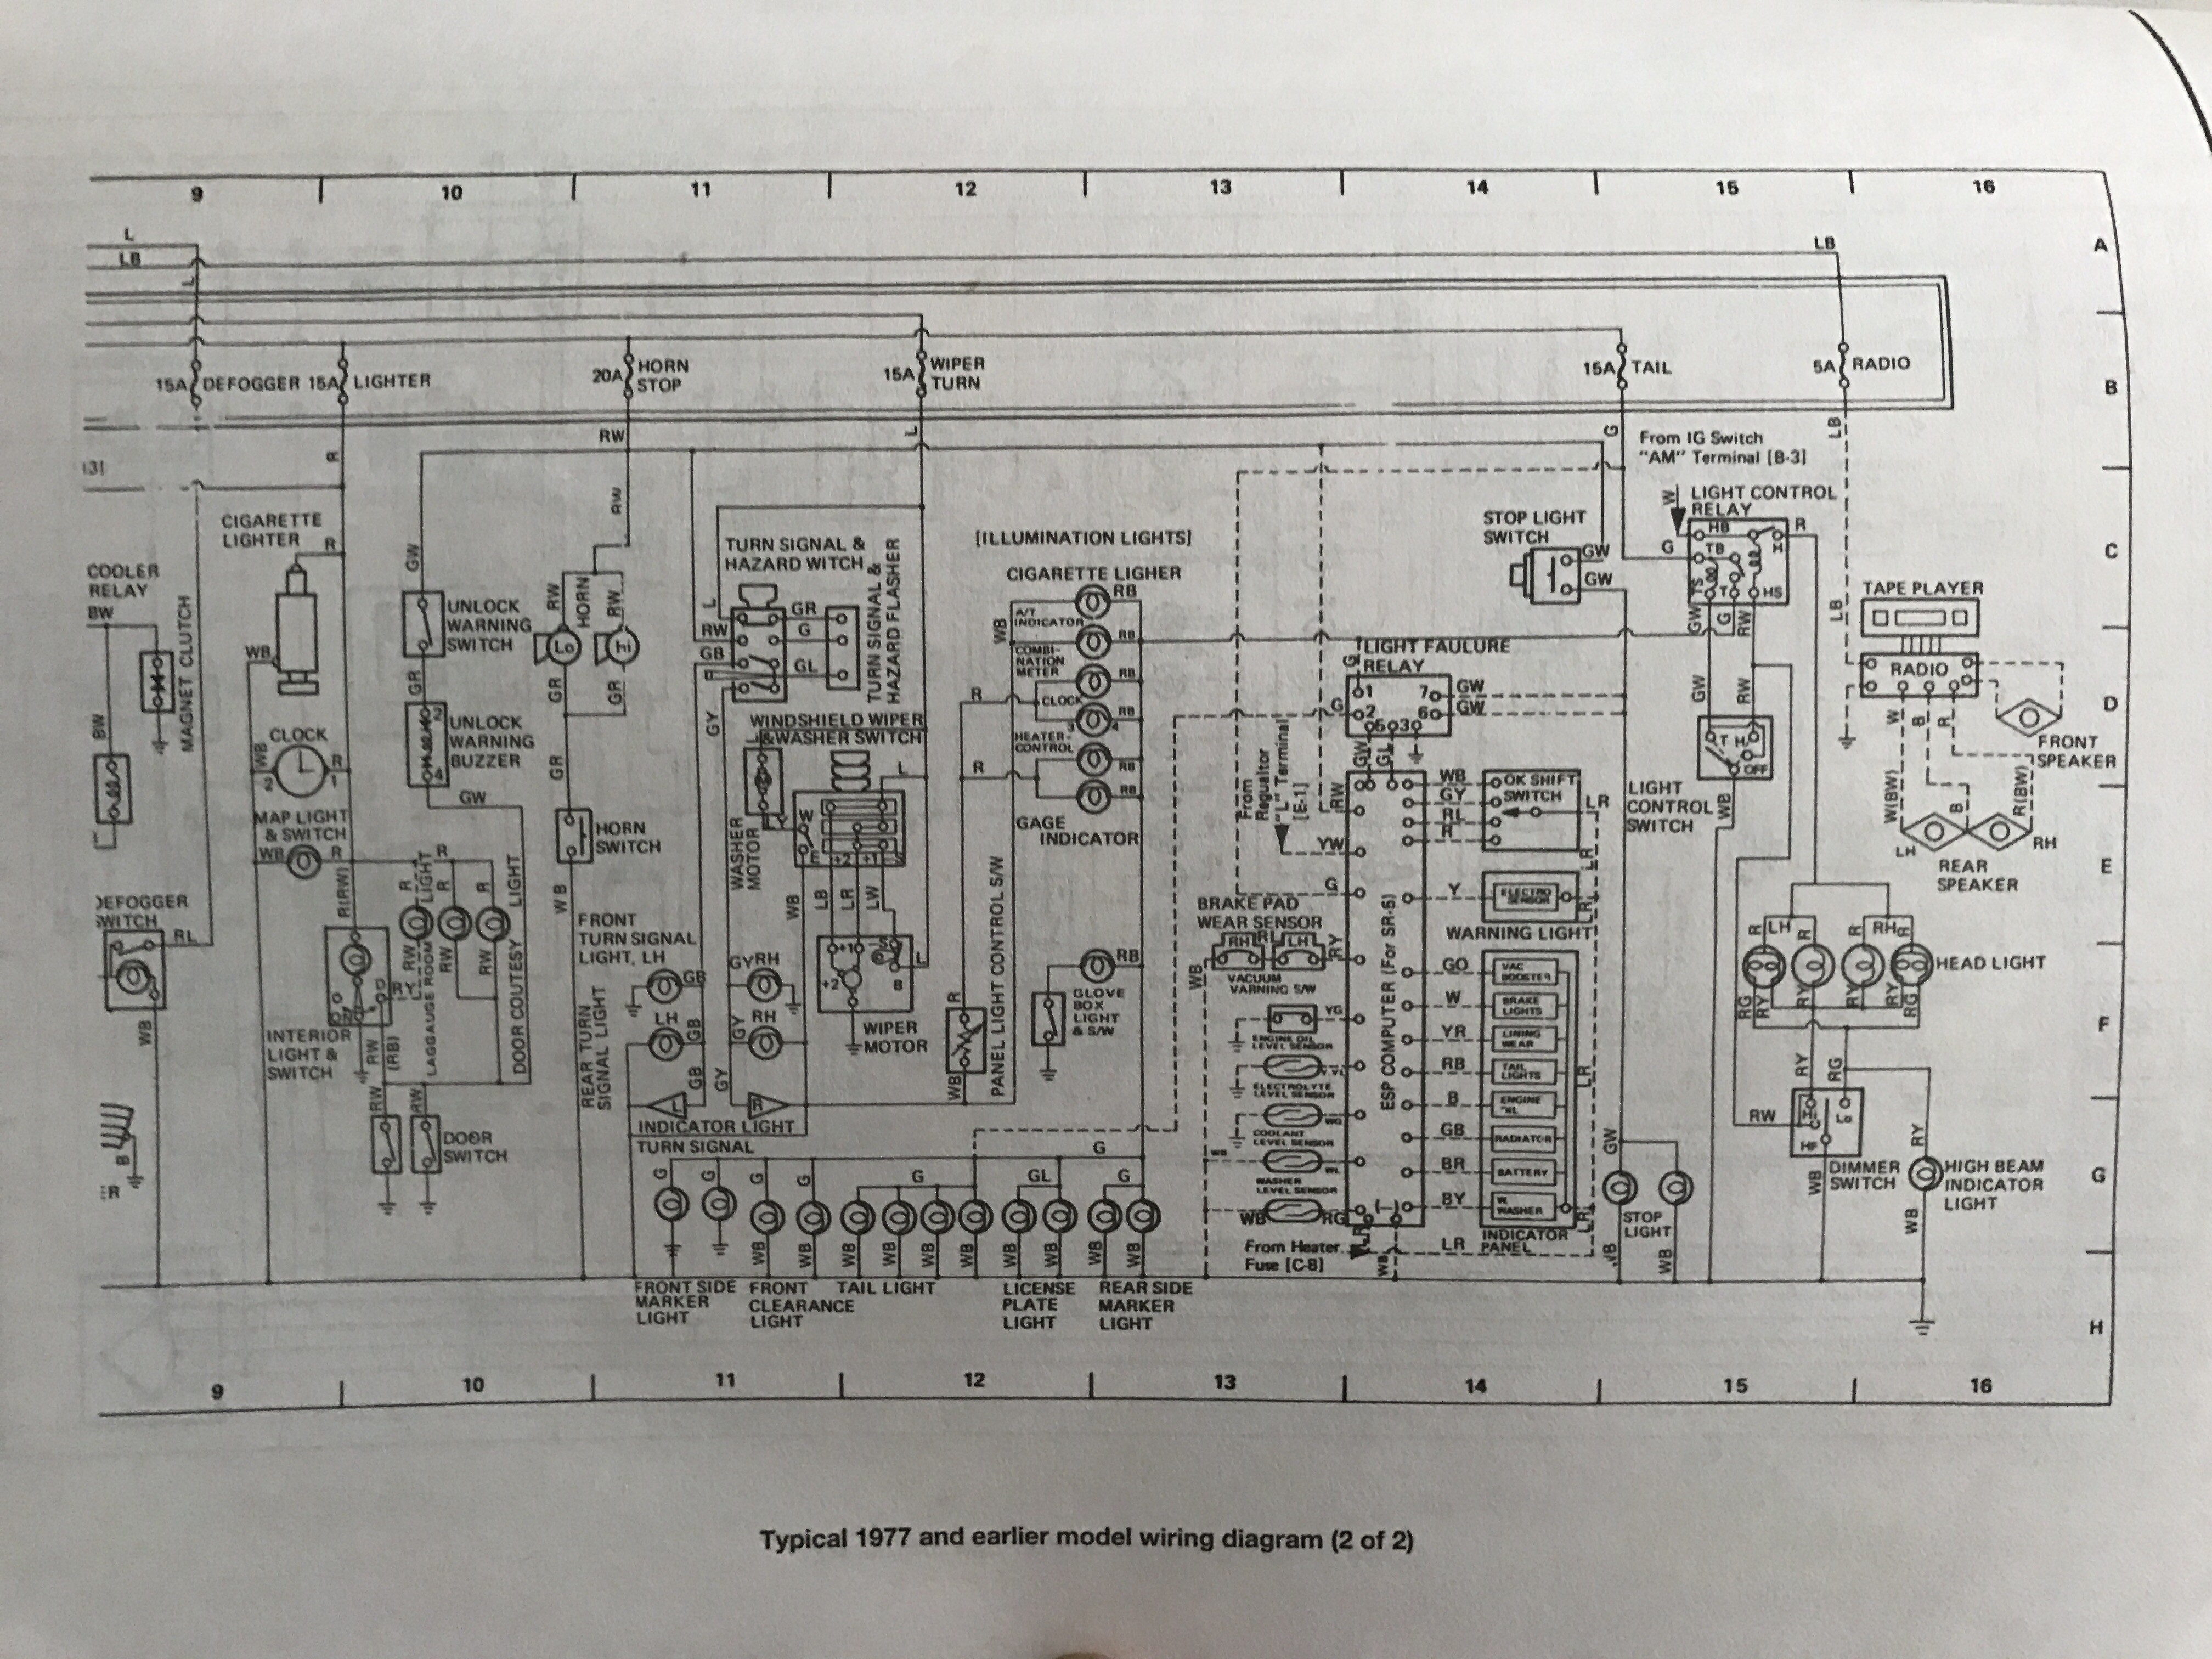 2001 toyota Celica Engine Diagram Tech Docs Of 2001 toyota Celica Engine Diagram